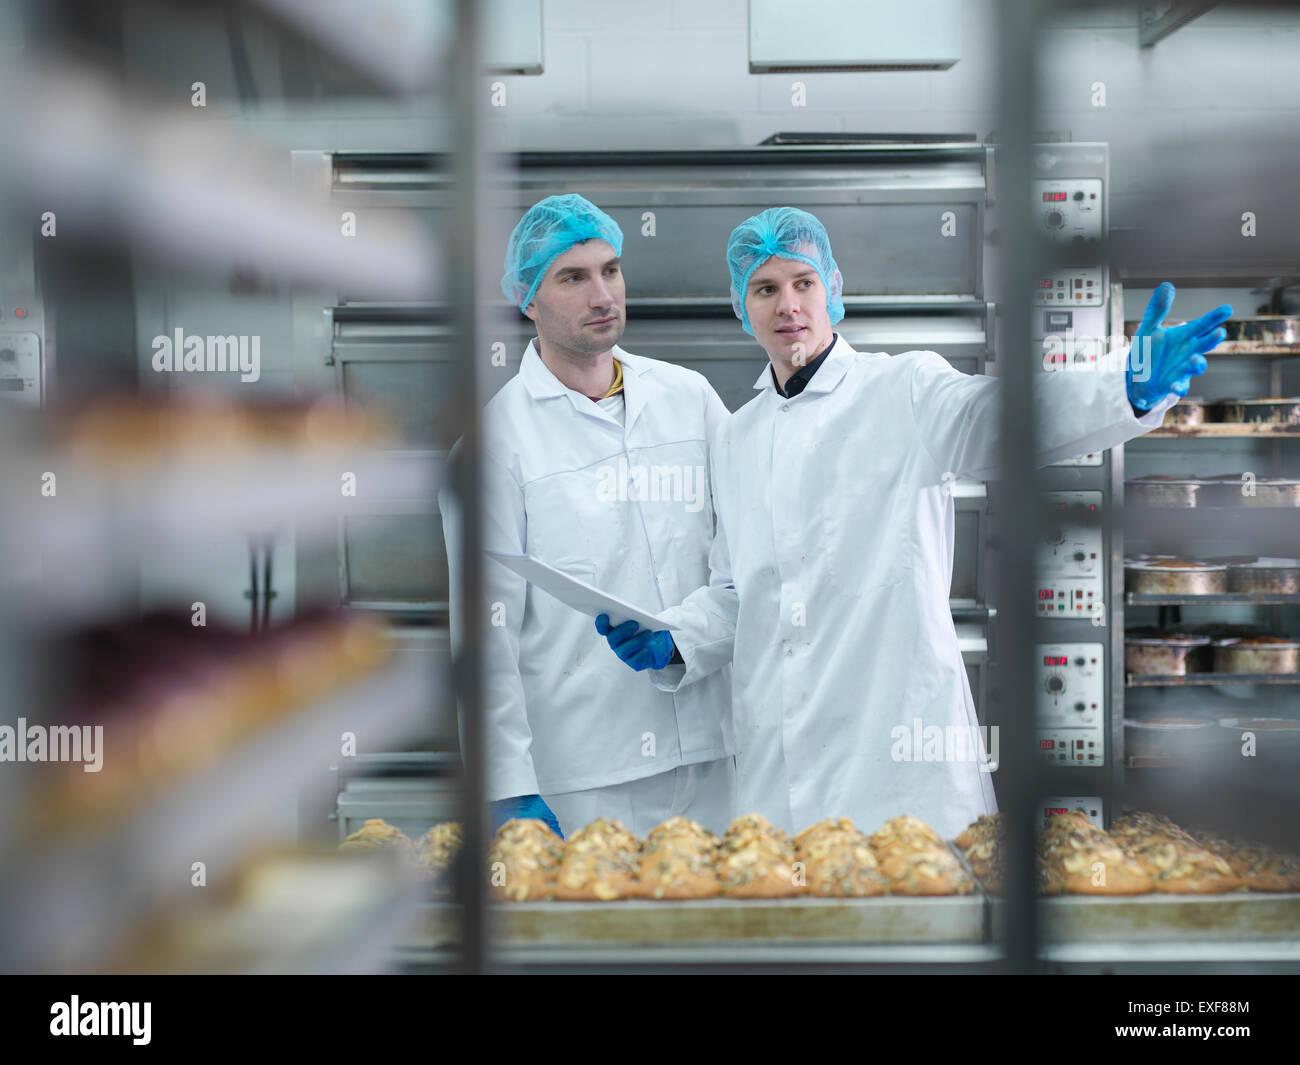 Los panaderos en reunión en fábrica de pastel Imagen De Stock